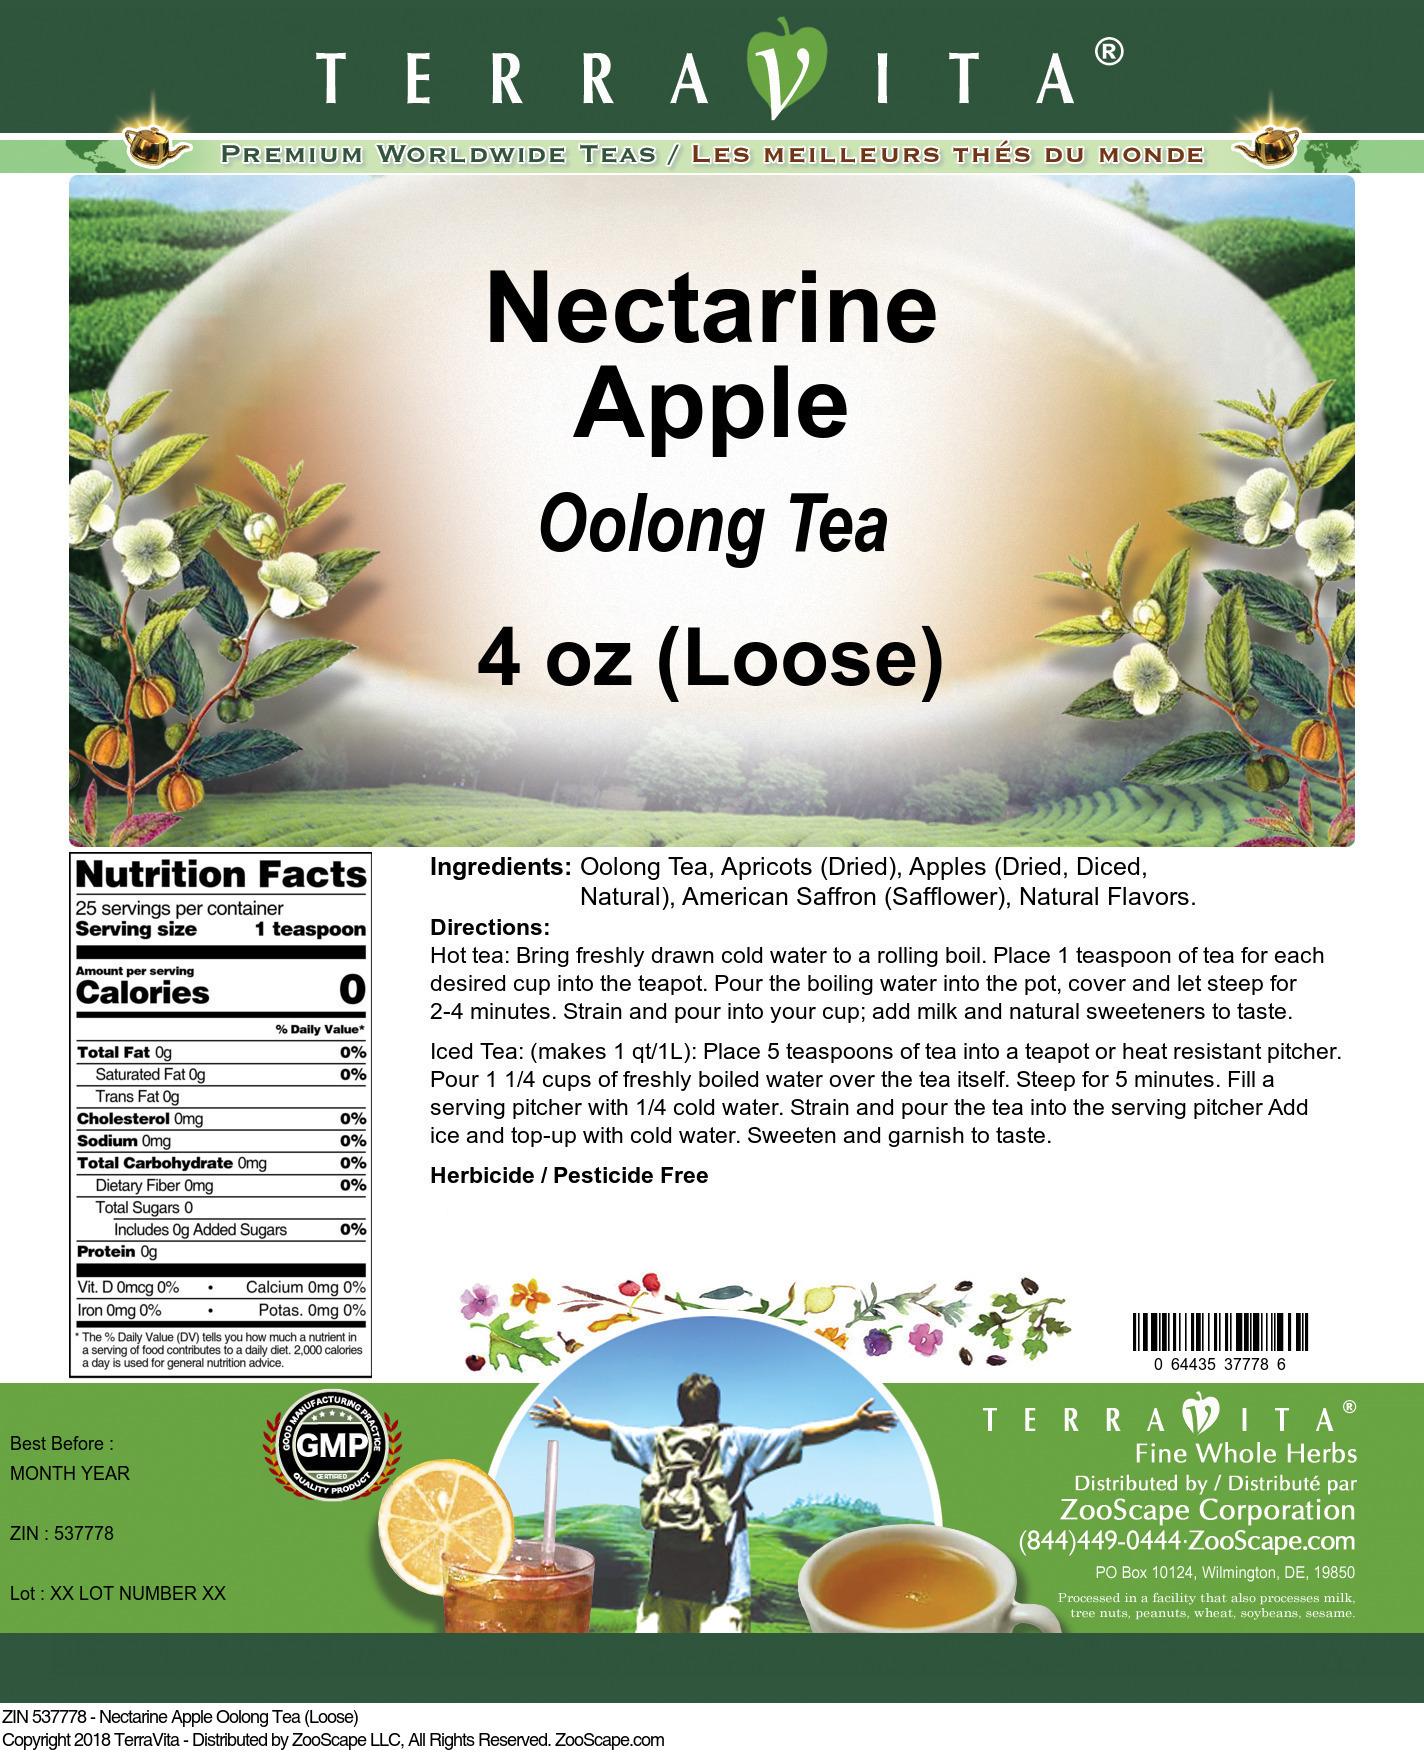 Nectarine Apple Oolong Tea (Loose)